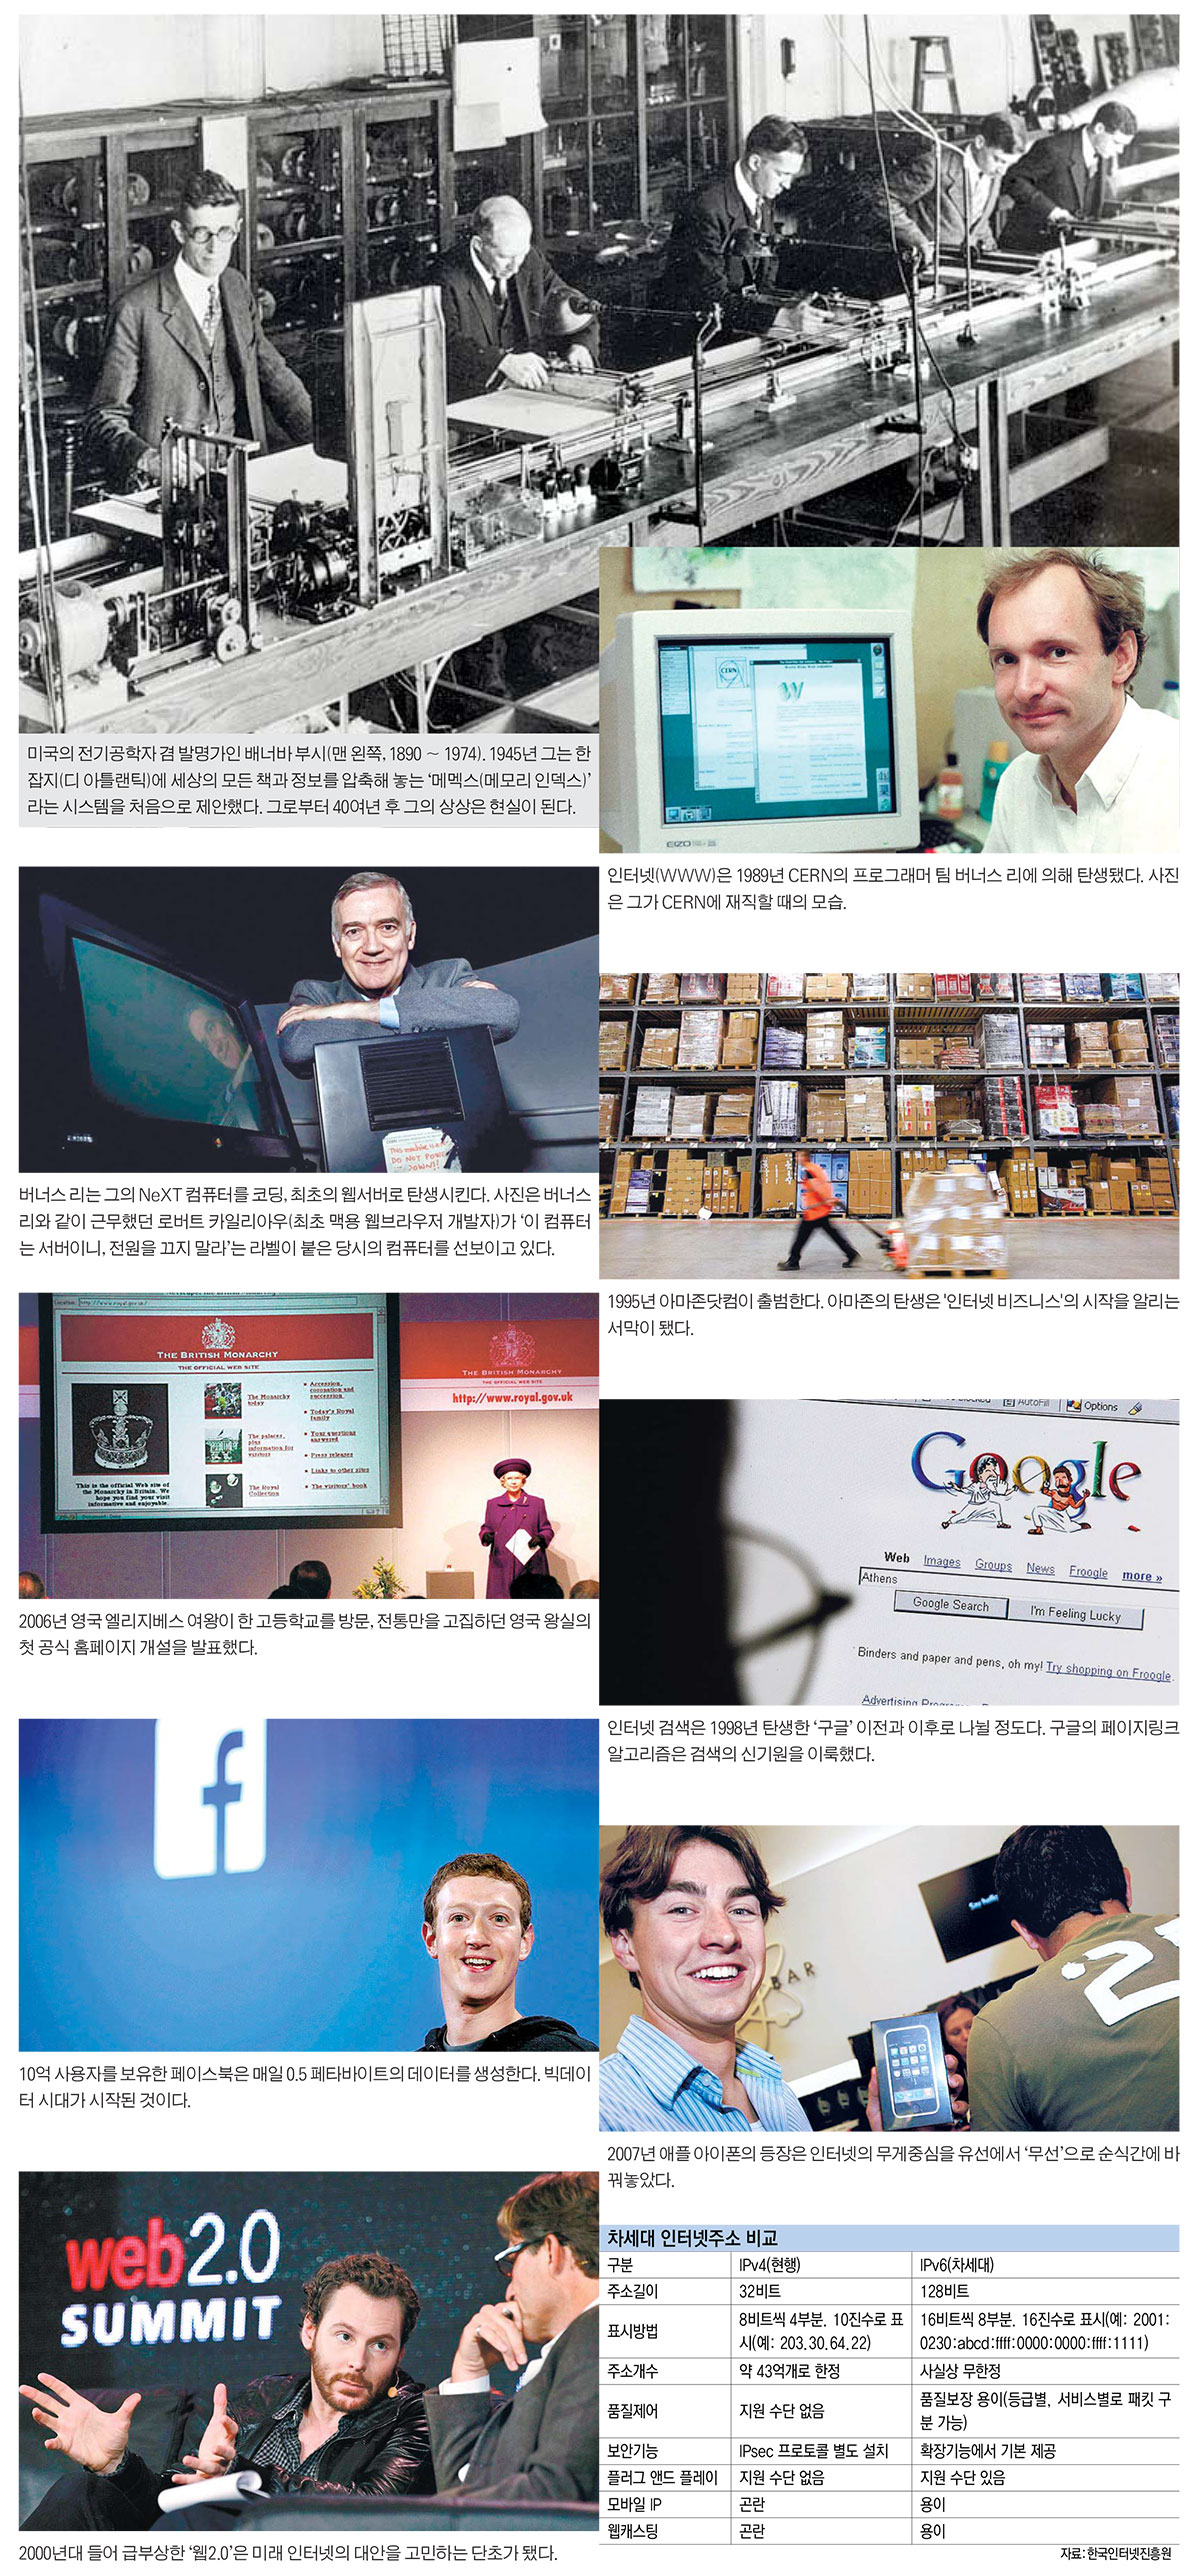 [이슈분석]웹 탄생 25년, 다가올 25년을 대비하라